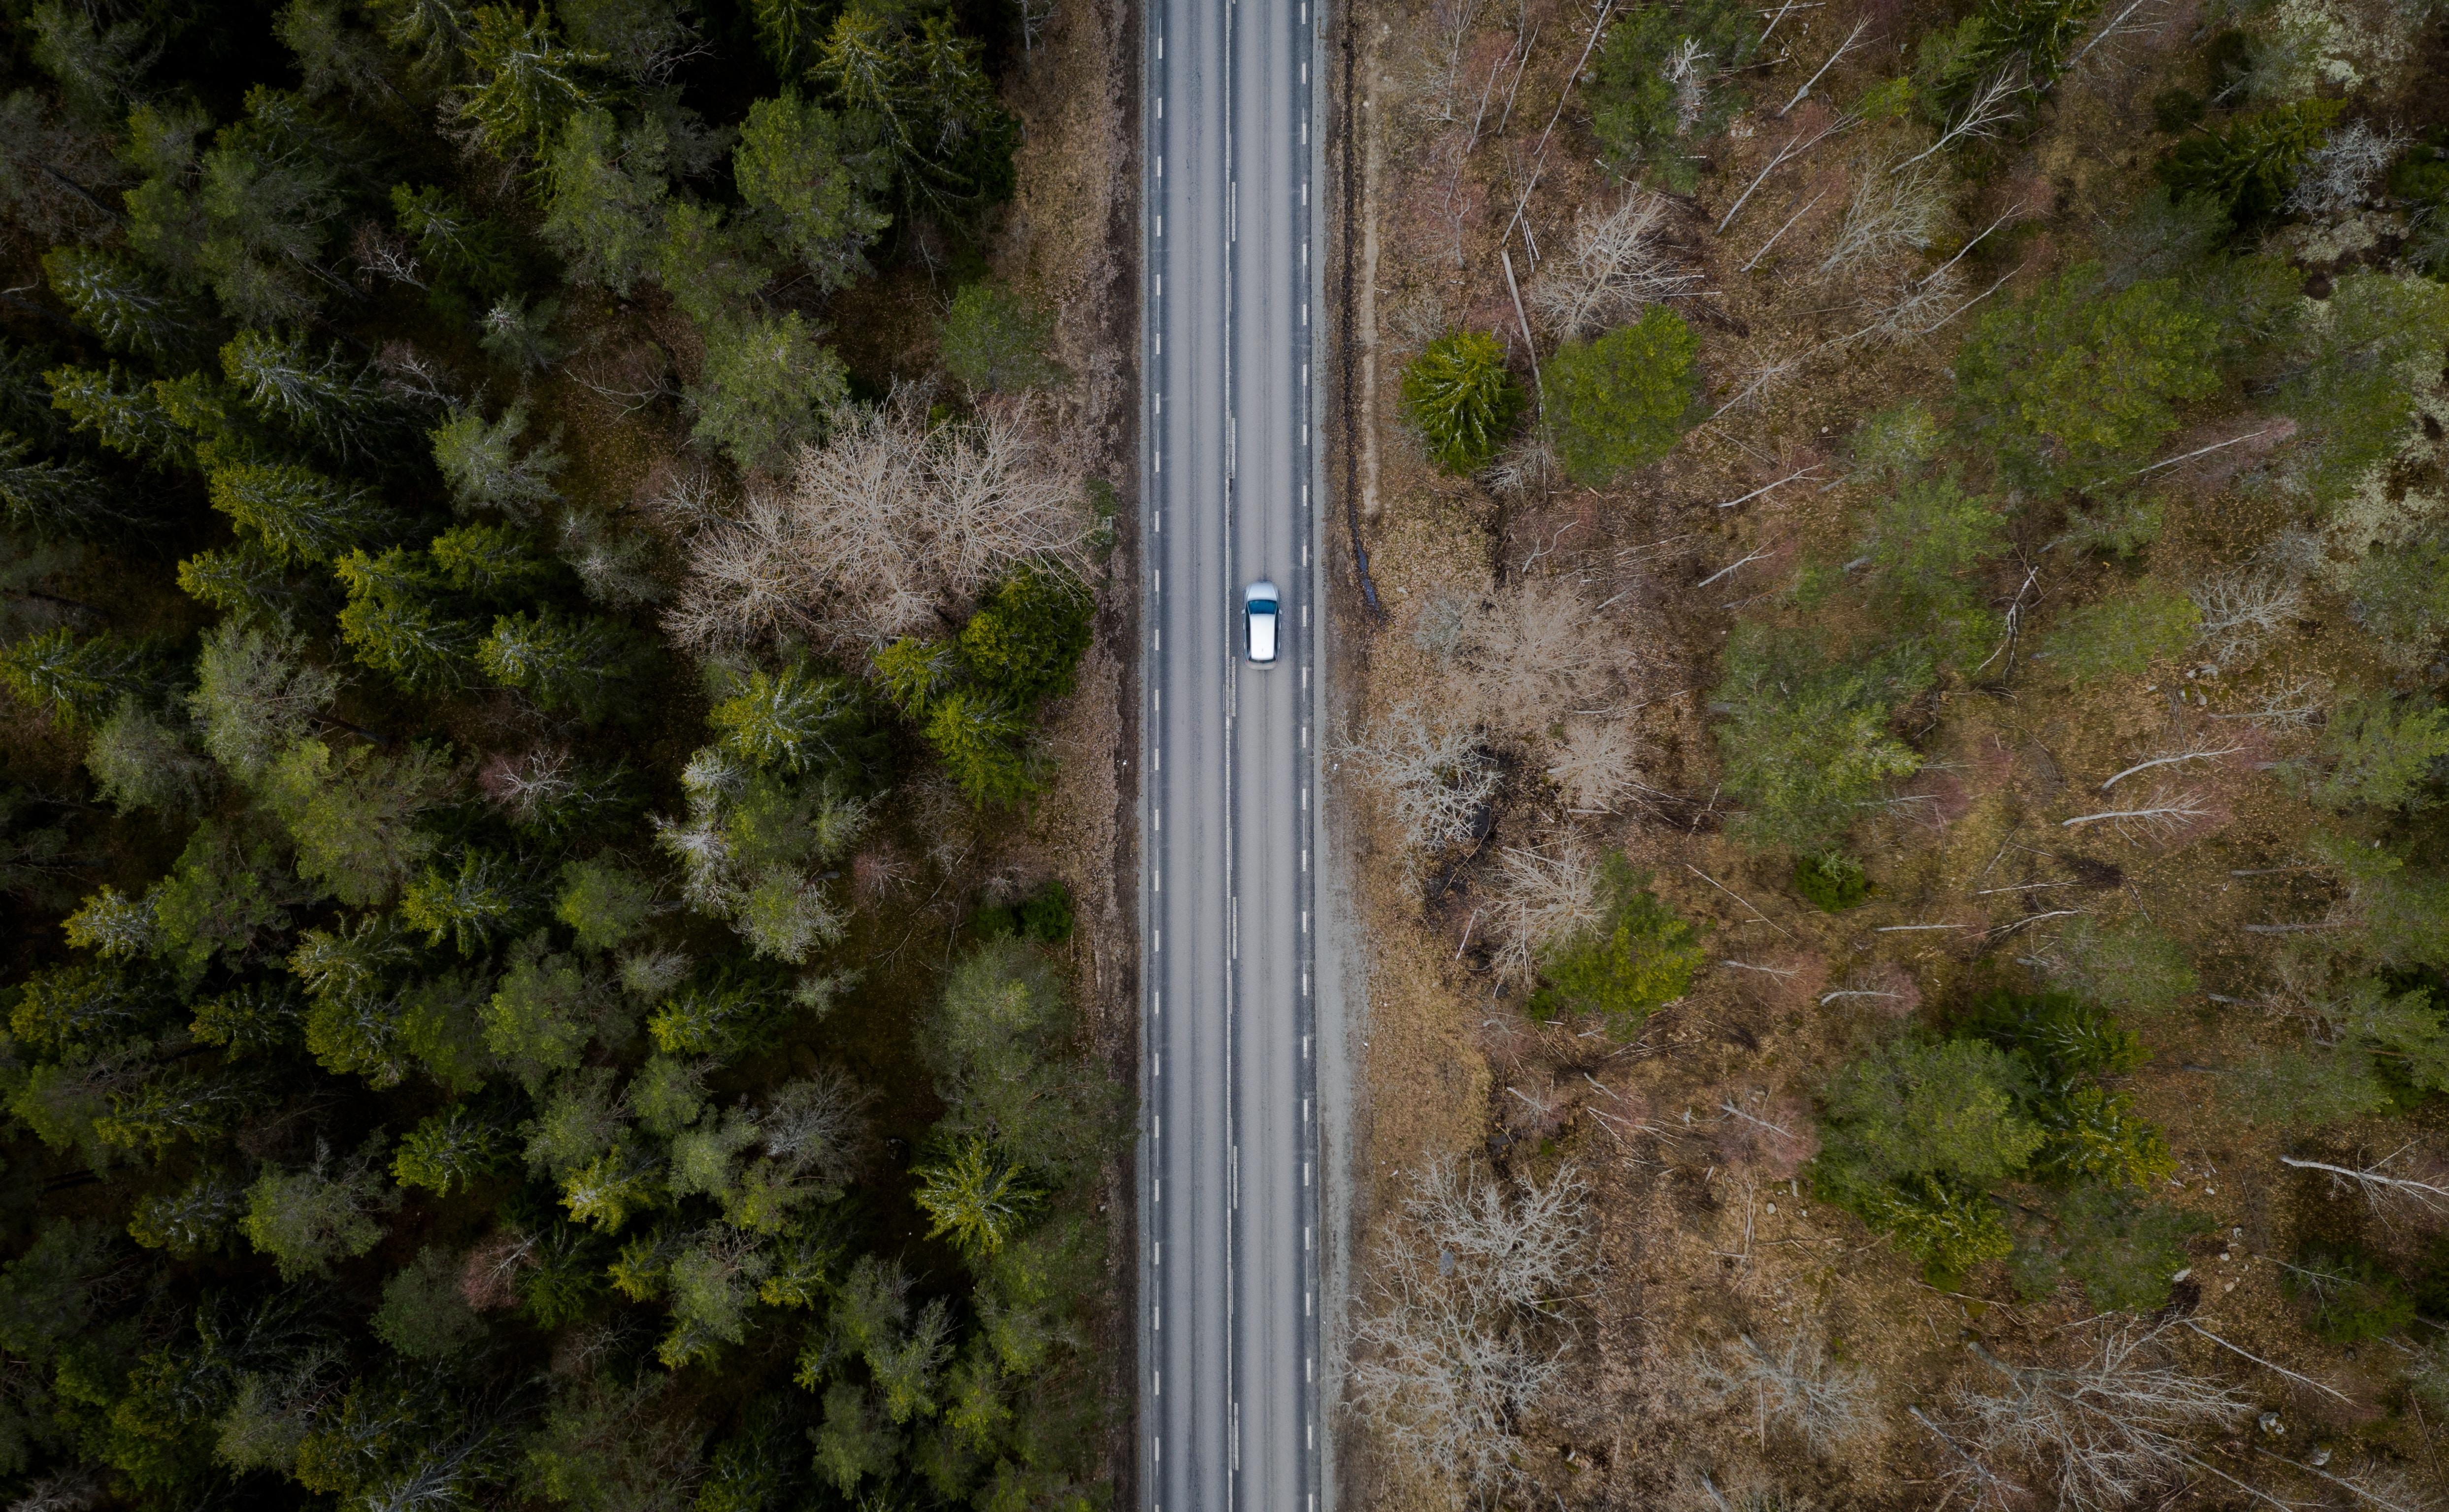 aerial photo of concrete road